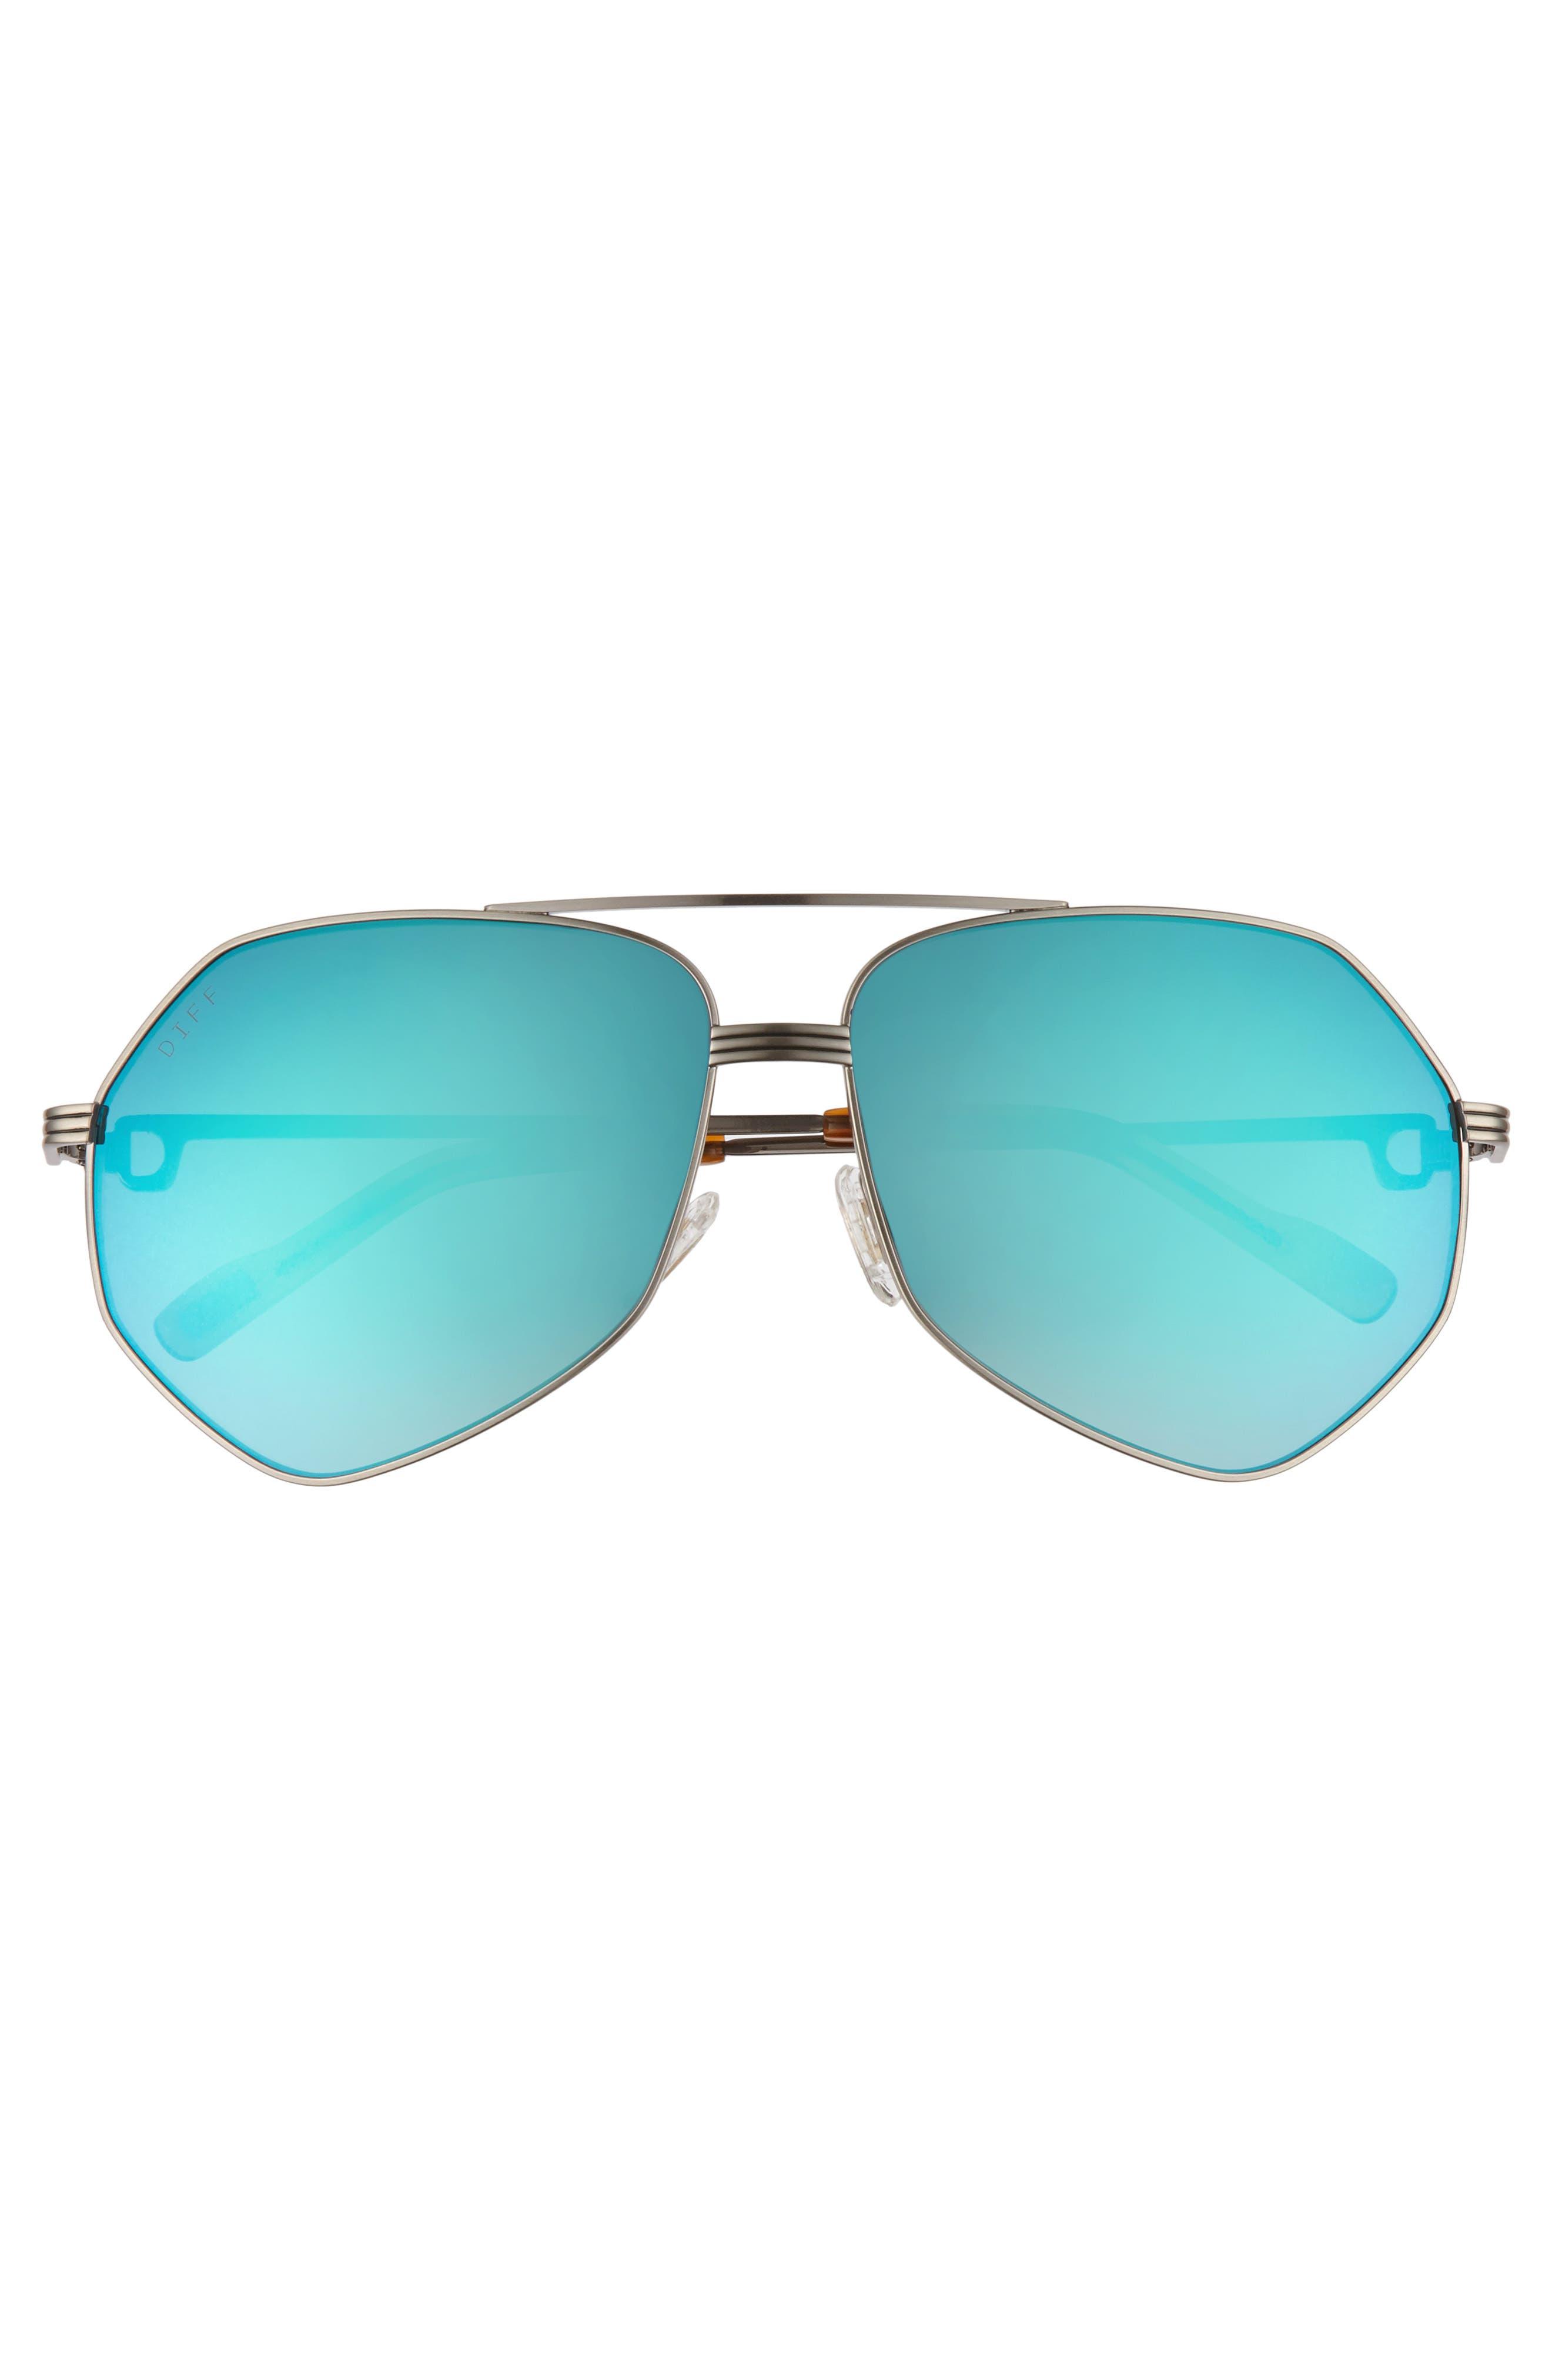 Sidney Geo Aviator Sunglasses,                             Alternate thumbnail 3, color,                             LIGHT GUNMETAL/ HONEY/ BLUE